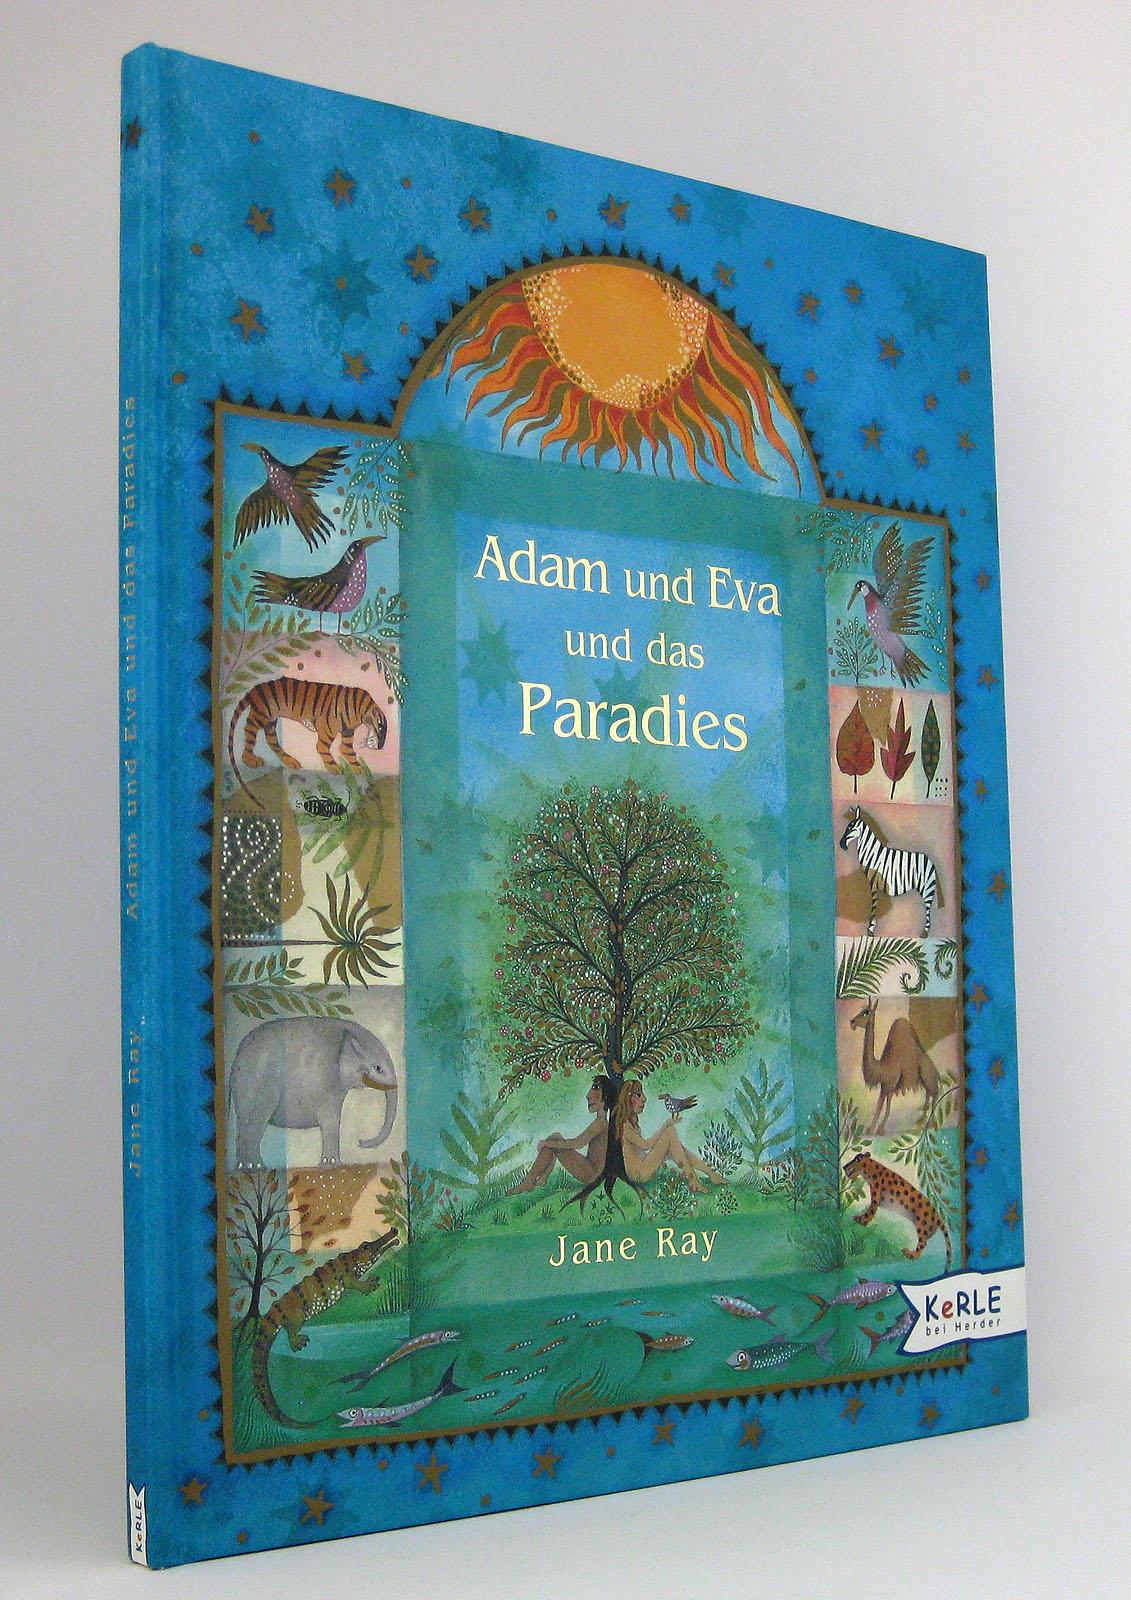 Adam und Eva und das Paradies